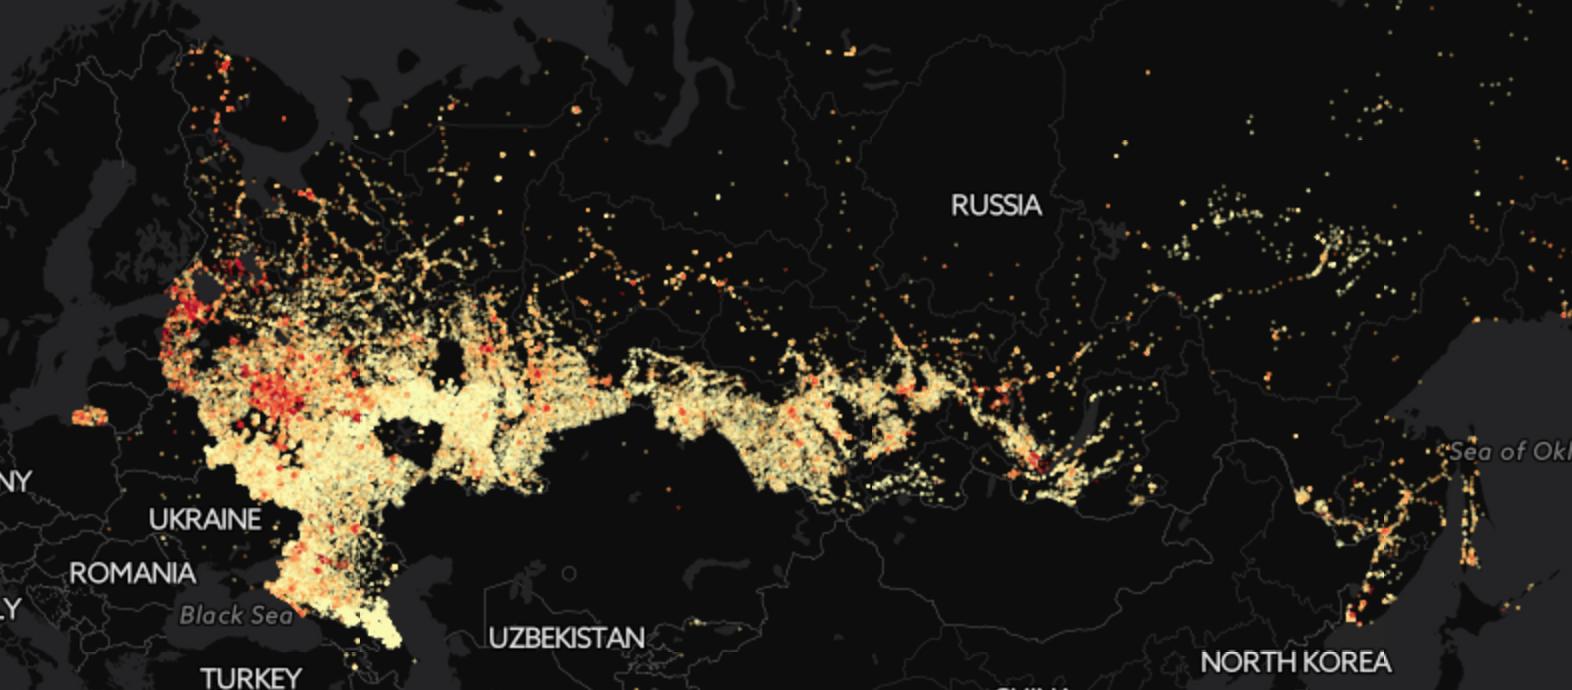 Анализ результатов выборов в Госдуму. Готовимся к голосованию 2016 года - 10